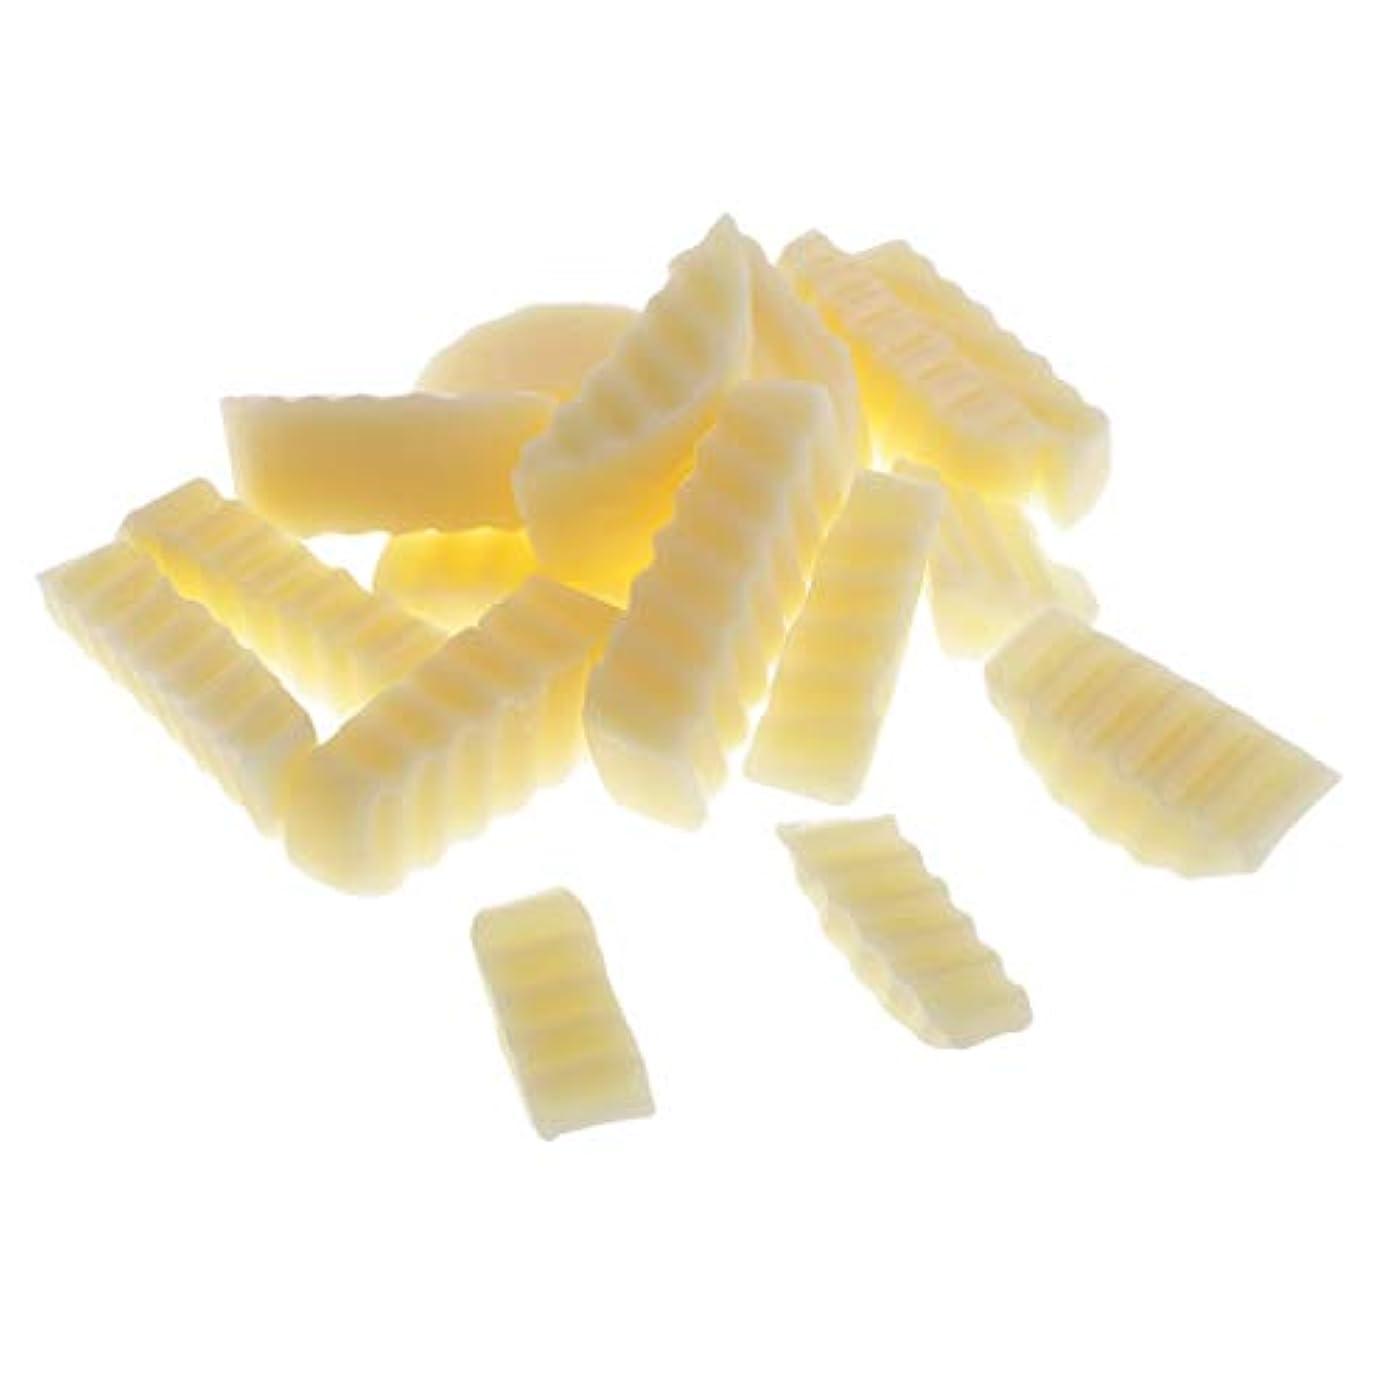 繊維ステレオタイプ抑圧者ラノリン石鹸 自然な素材 DIY工芸品 手作り 石鹸 固形せっけん 約250g /パック